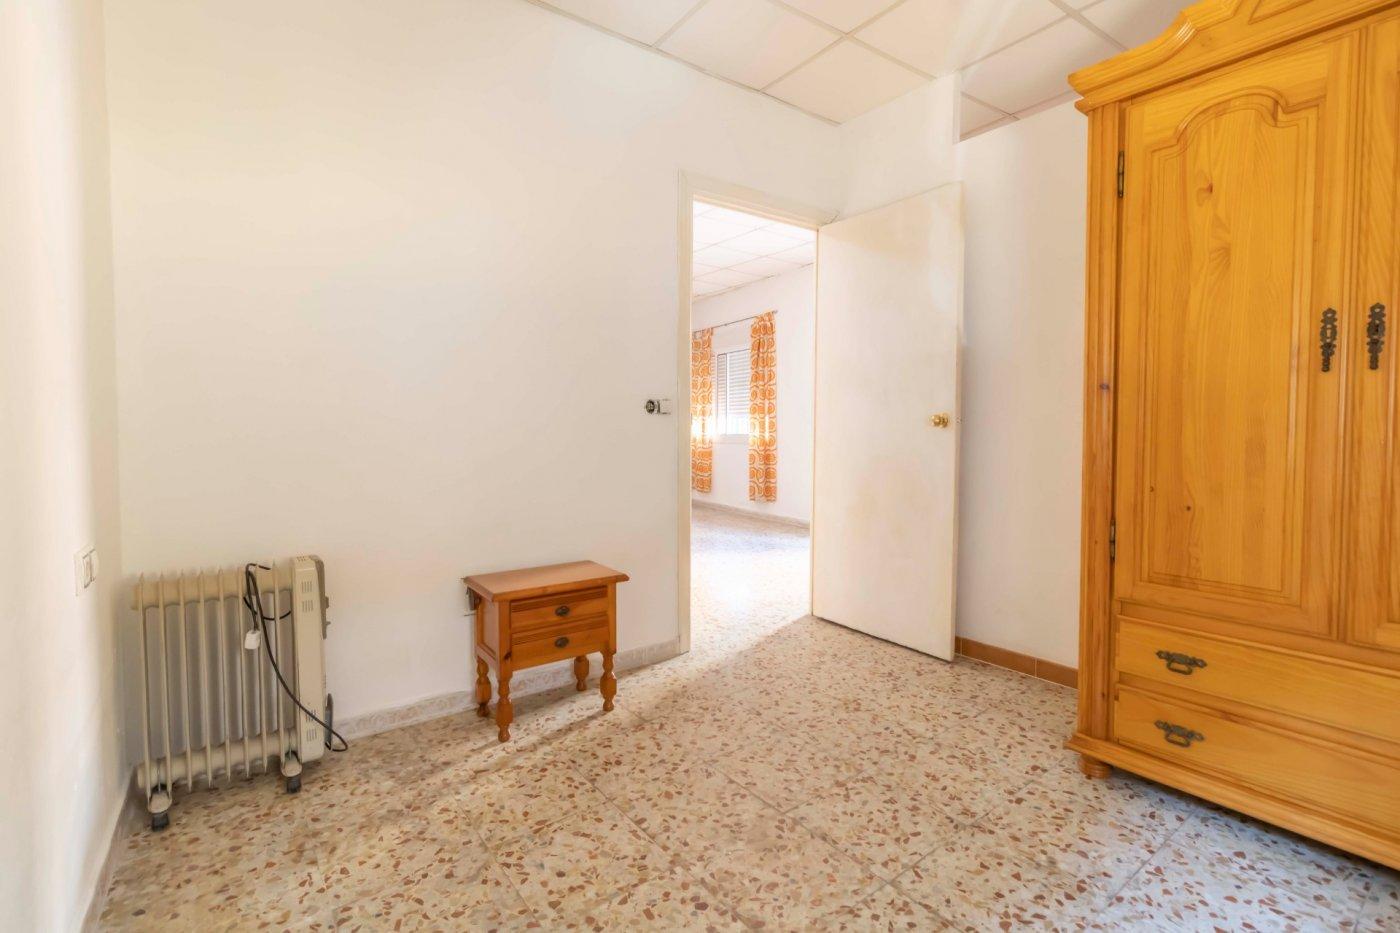 2 pisos a la venta por el precio de uno en zona padre pÍo - imagenInmueble20